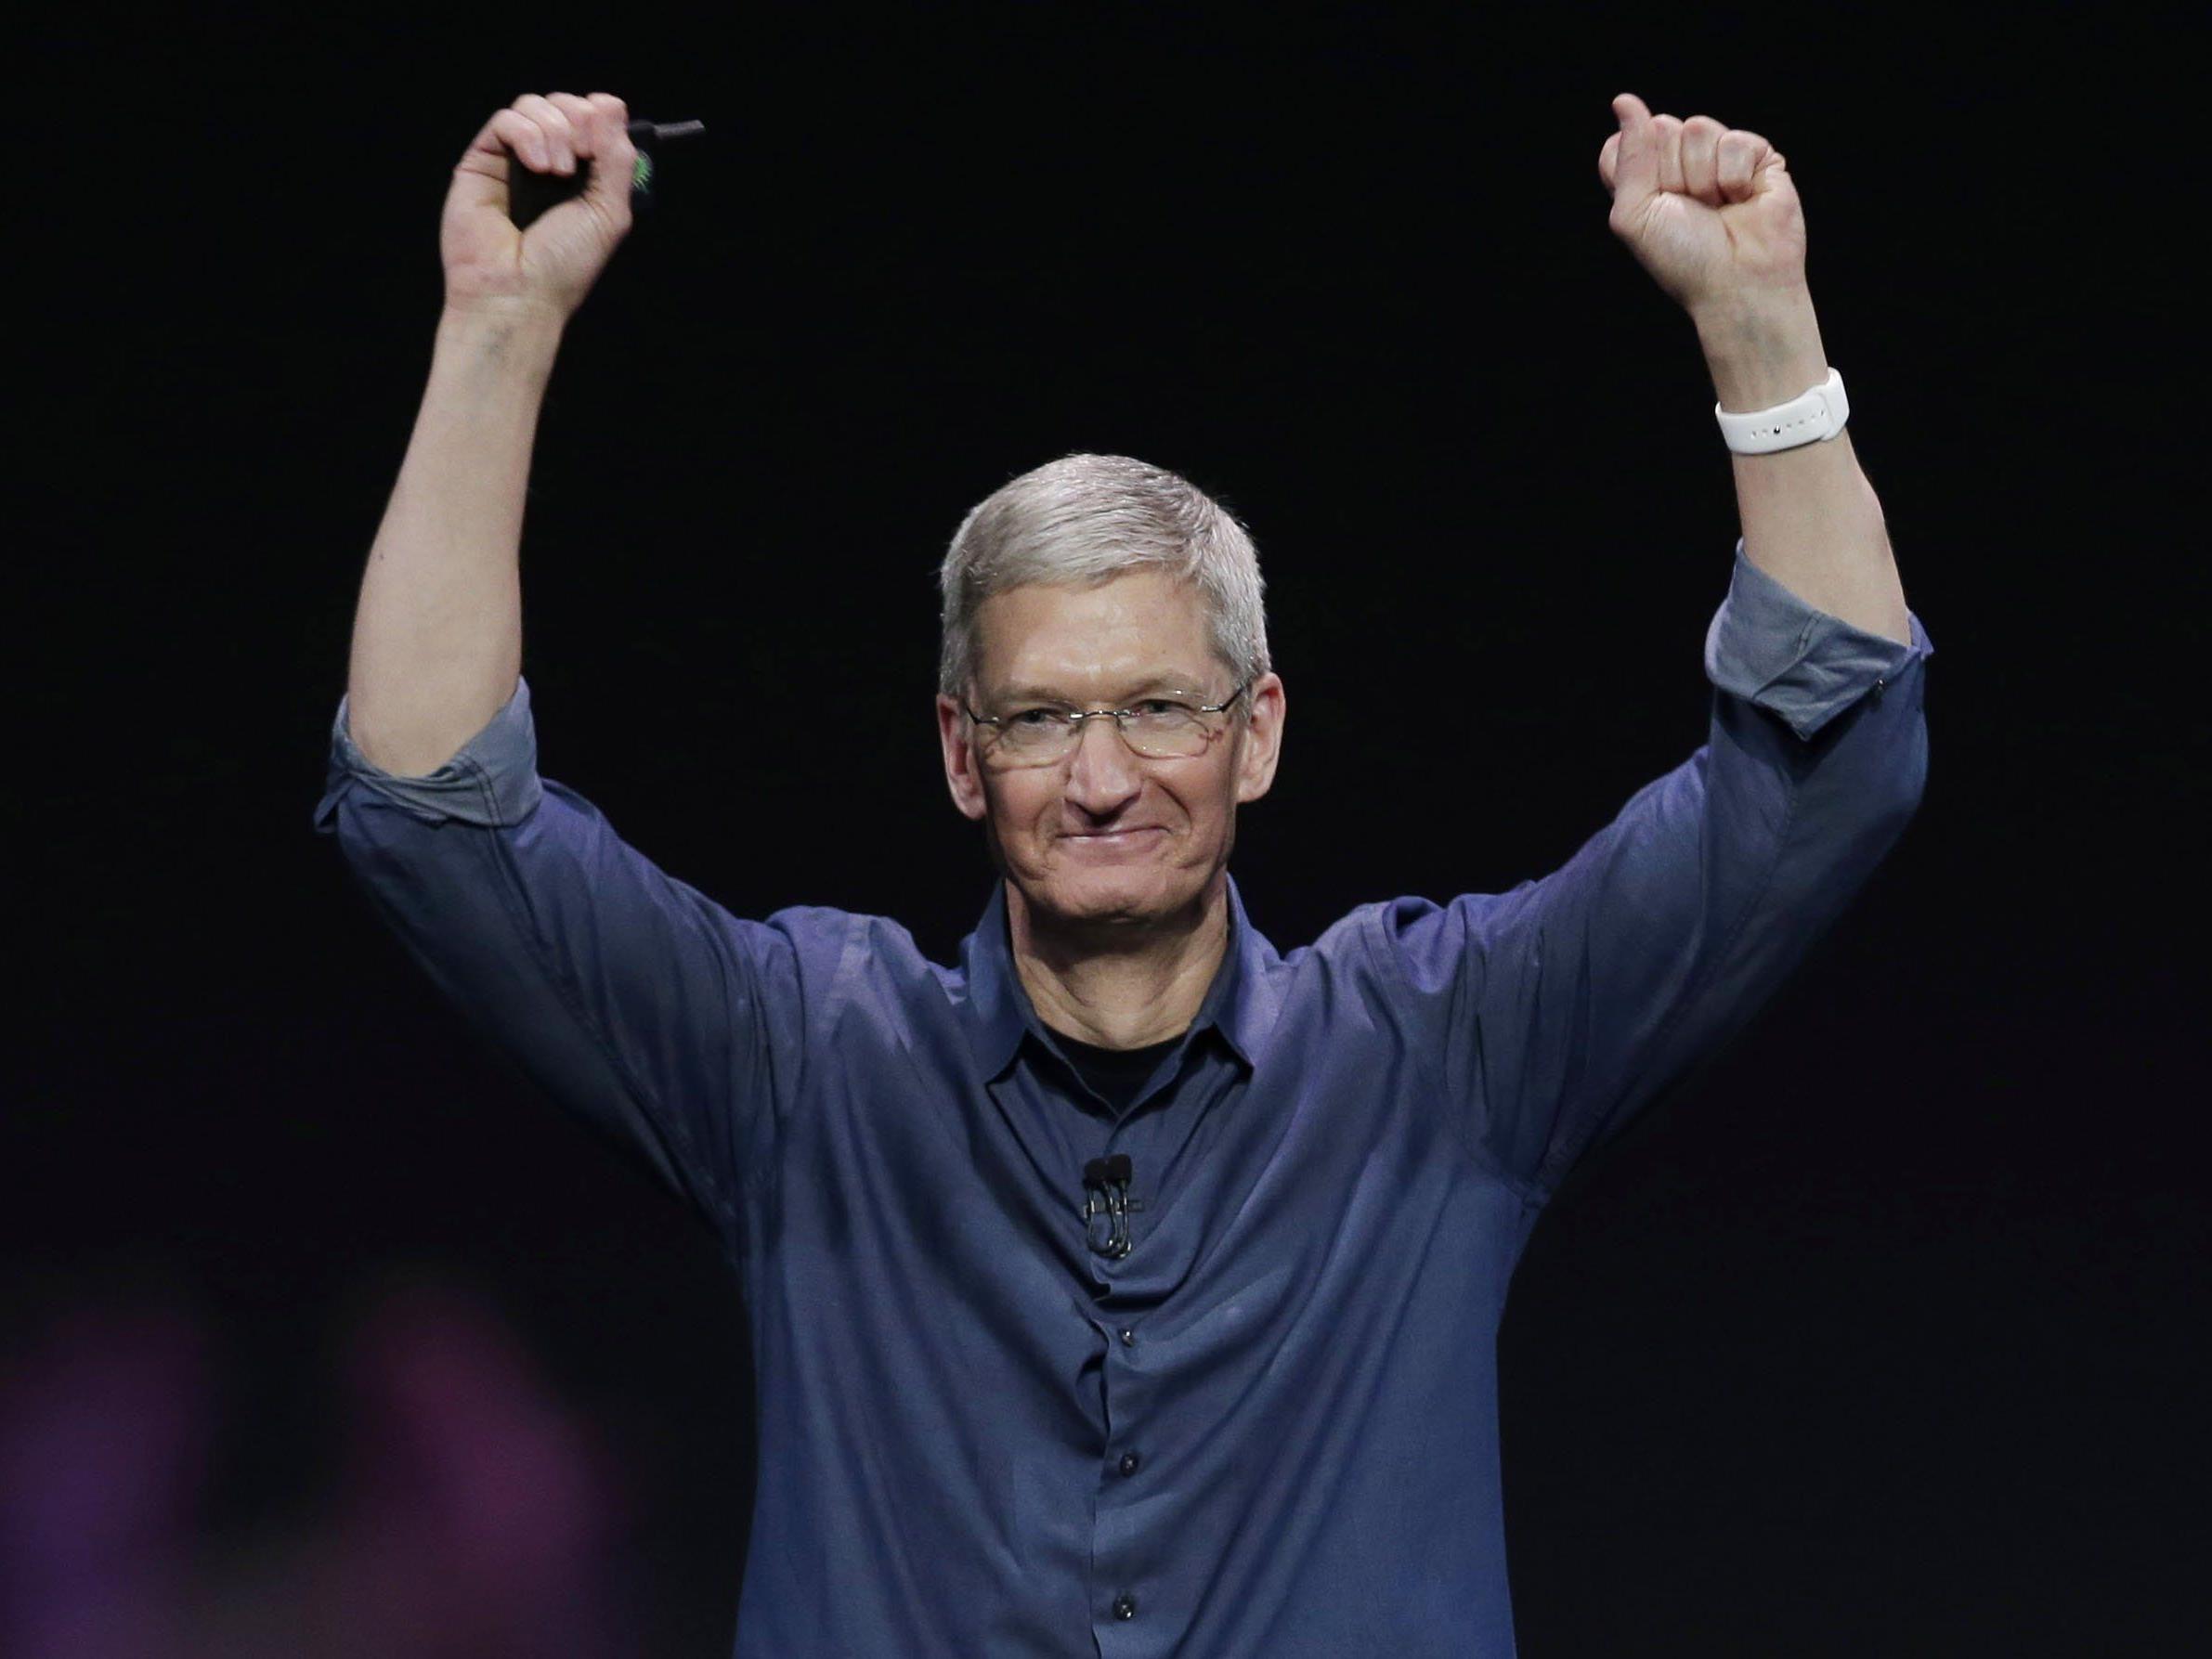 Apple-Chef Tim Cook bekennt sich in einem Beitrag zu seiner Homosexualität.